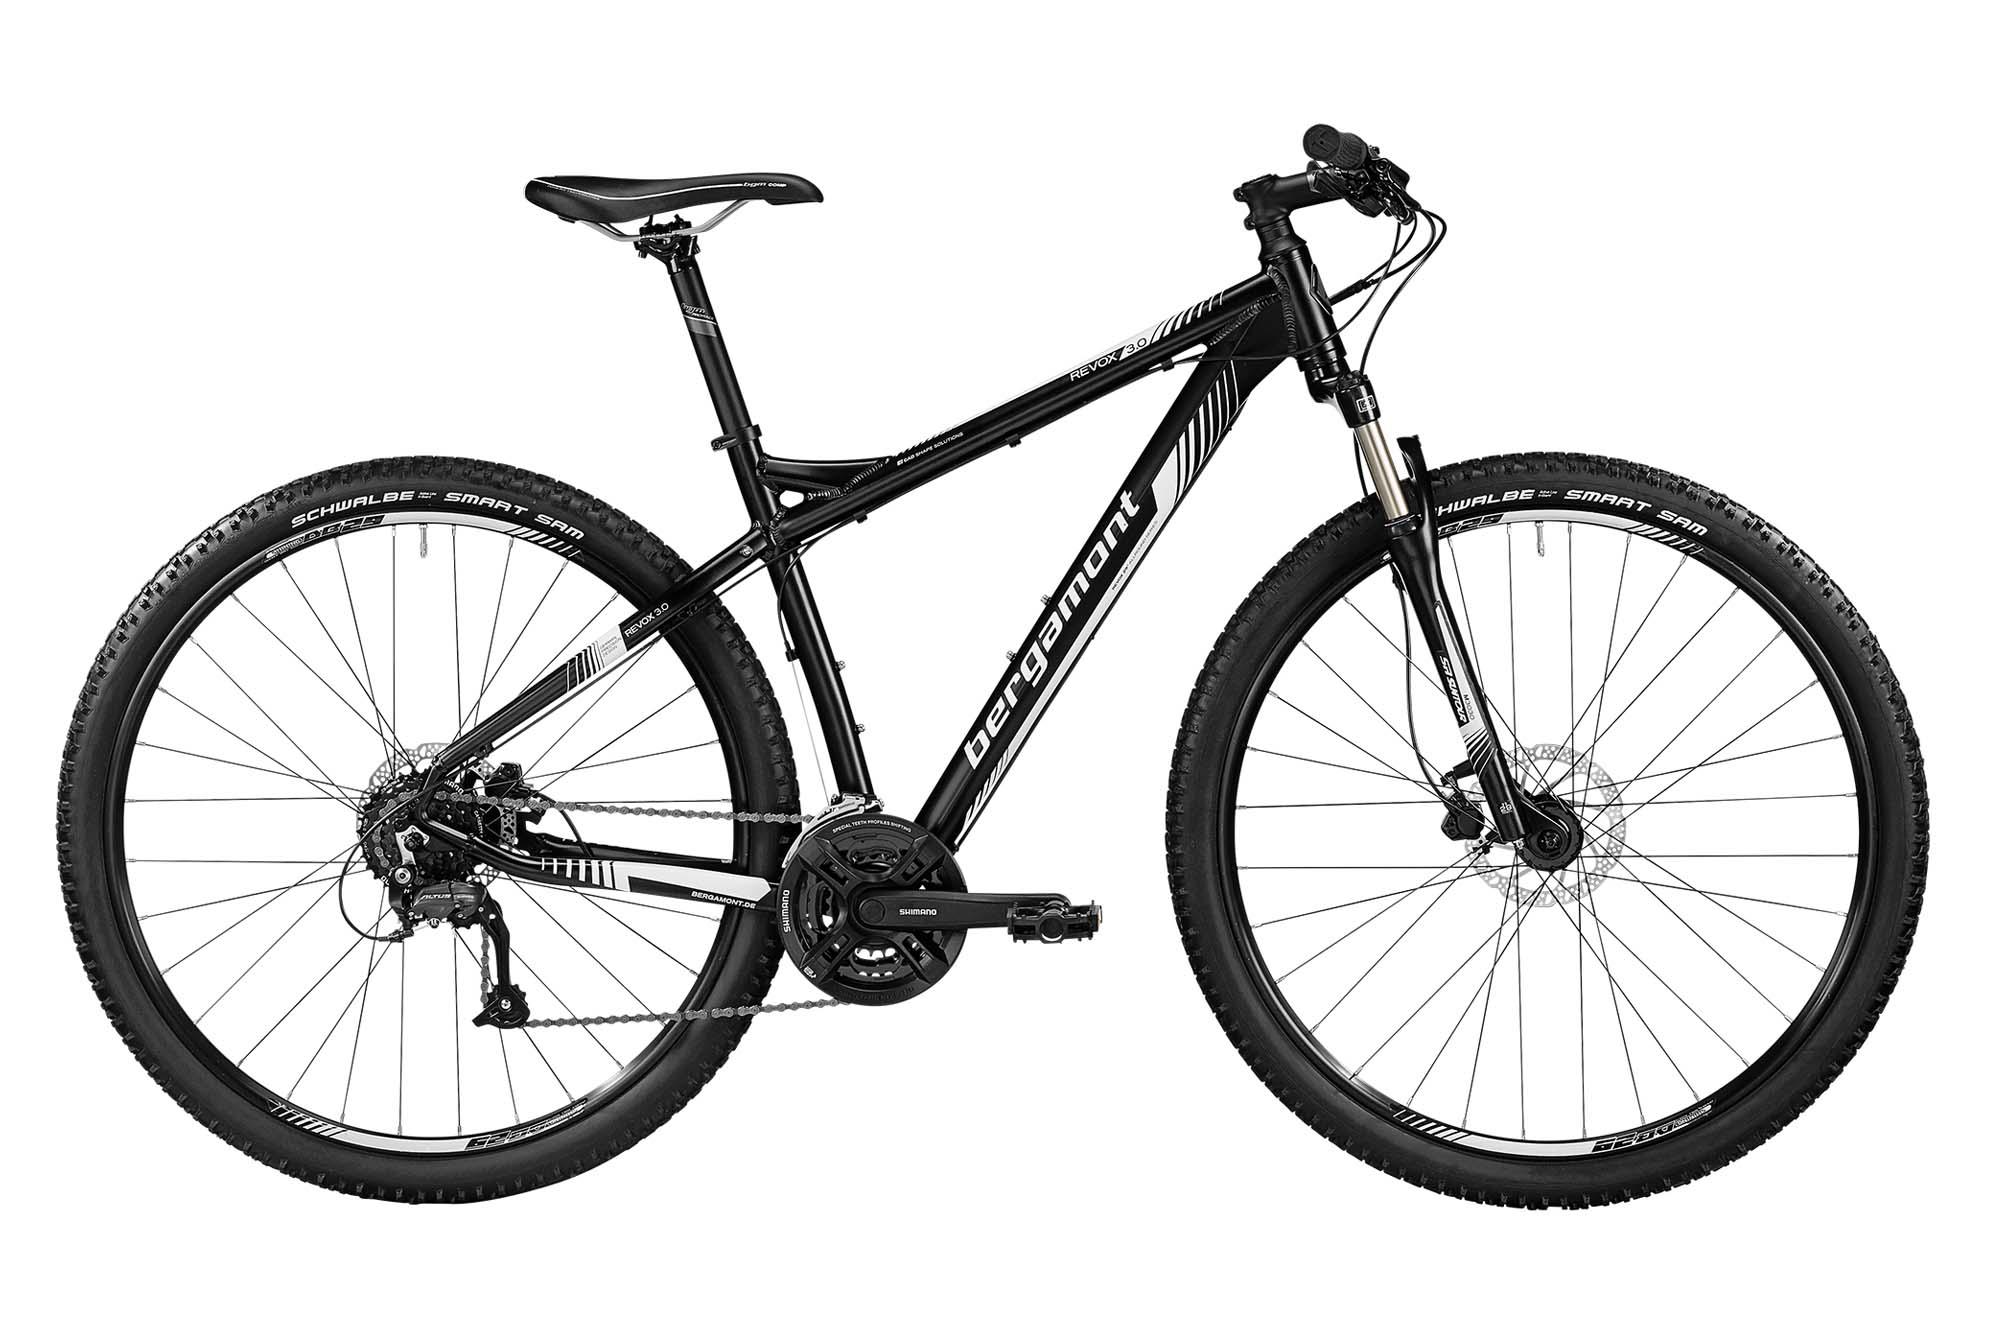 Велосипед BERGAMONT Revox 3.0 Black/White